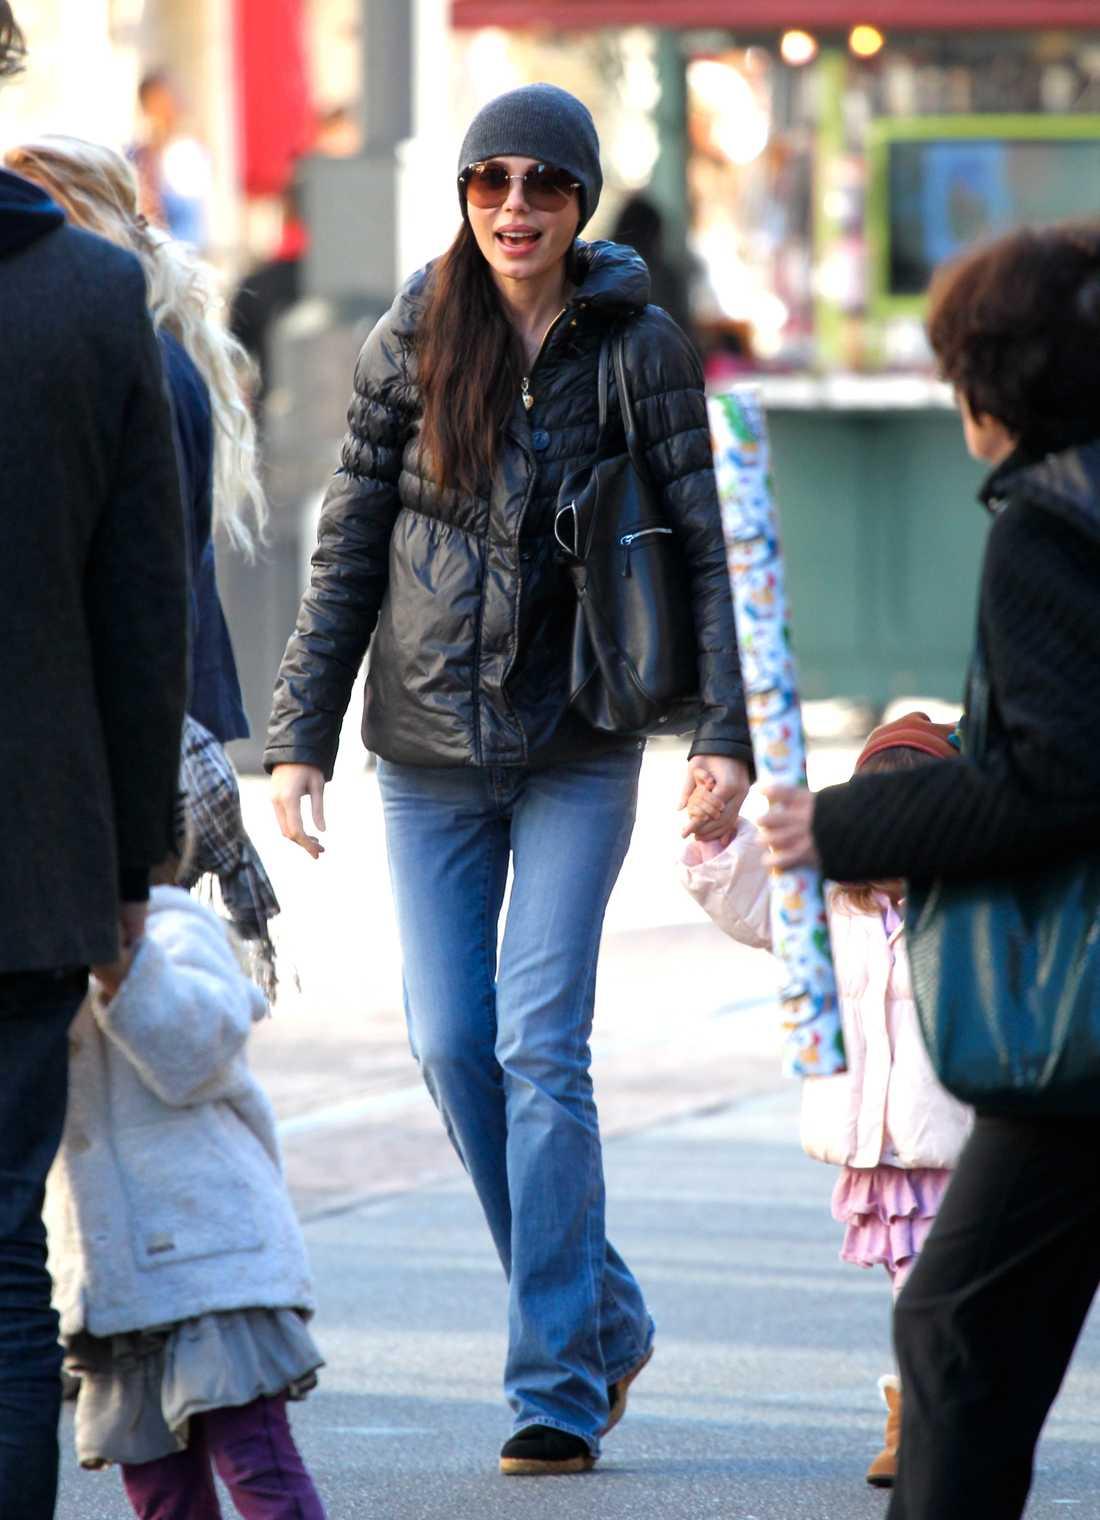 Oksana Grigorieva, Mel Gibsons gamla flamma, pianisten Grigorieva, shoppade de sista julklapparna i The Grove, Beverly Hills synnerligen nedklädd i bootcut-jeans och svart dunjacka.